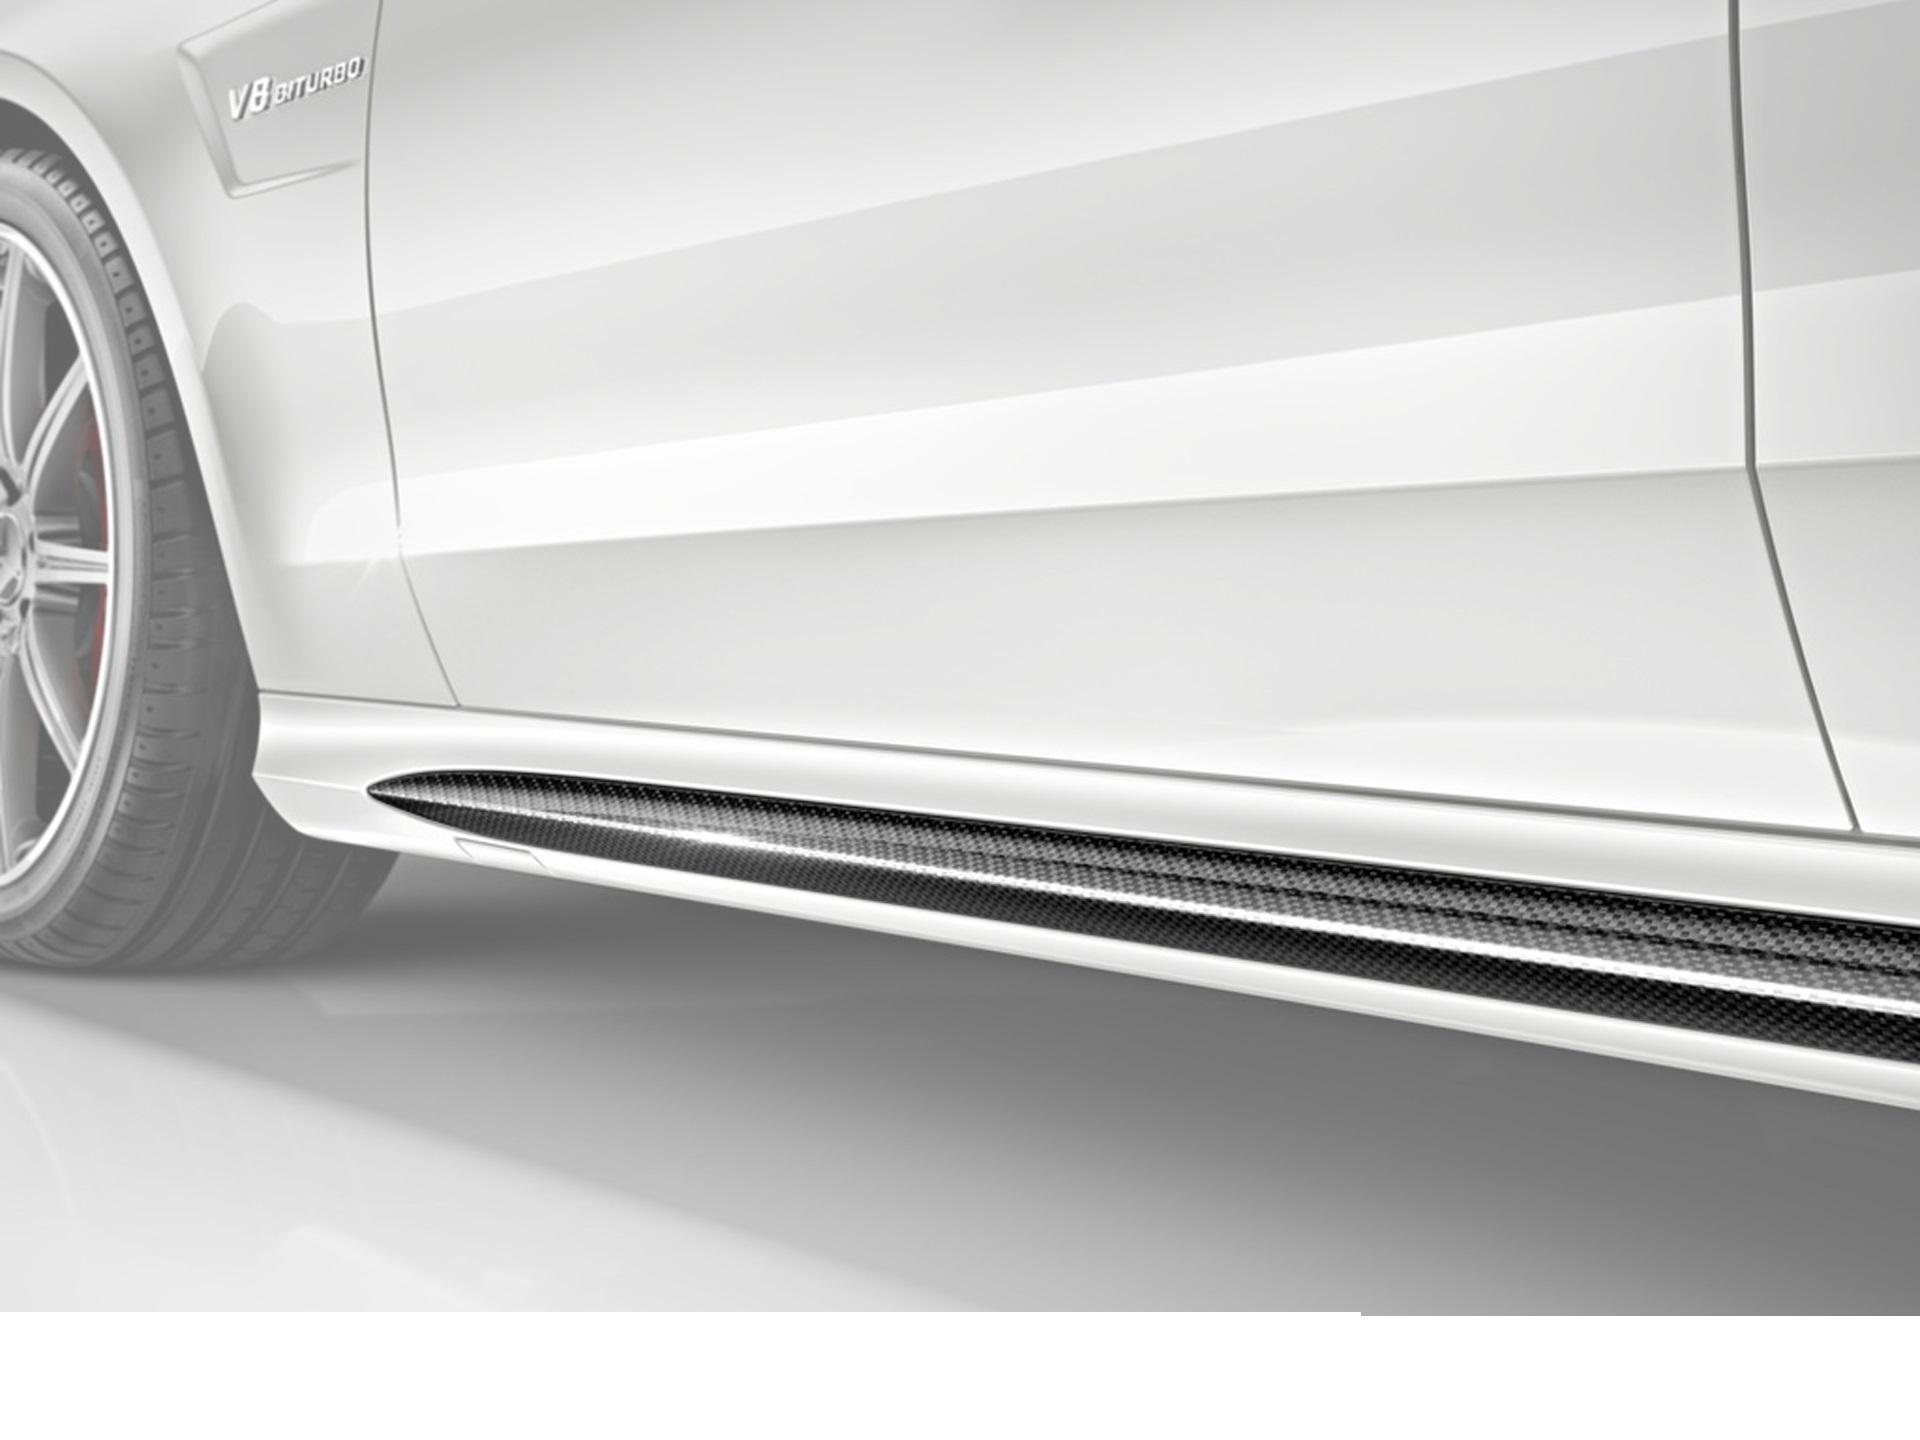 Hodoor Performance Carbon fiber door sills Brabus Style for Mercedes E-class W212